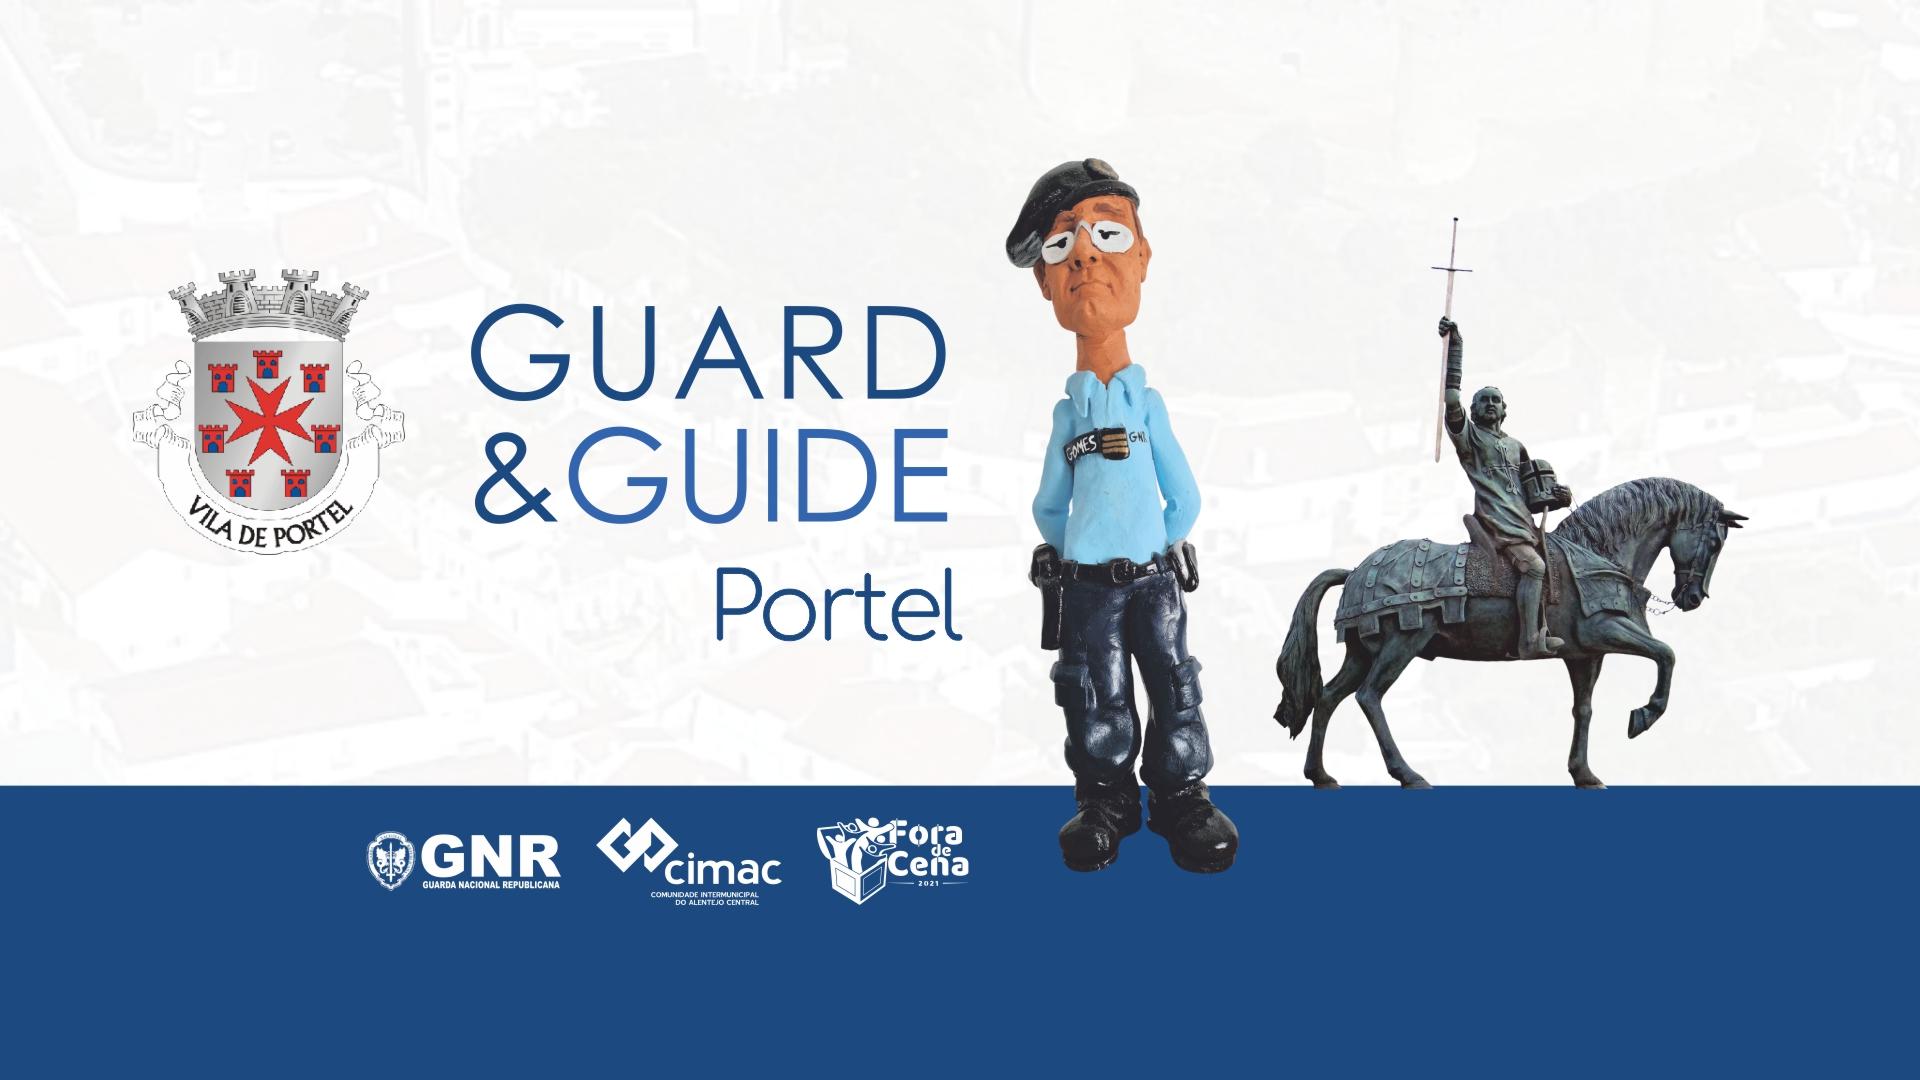 GUARD & GUIDE – PORTEL